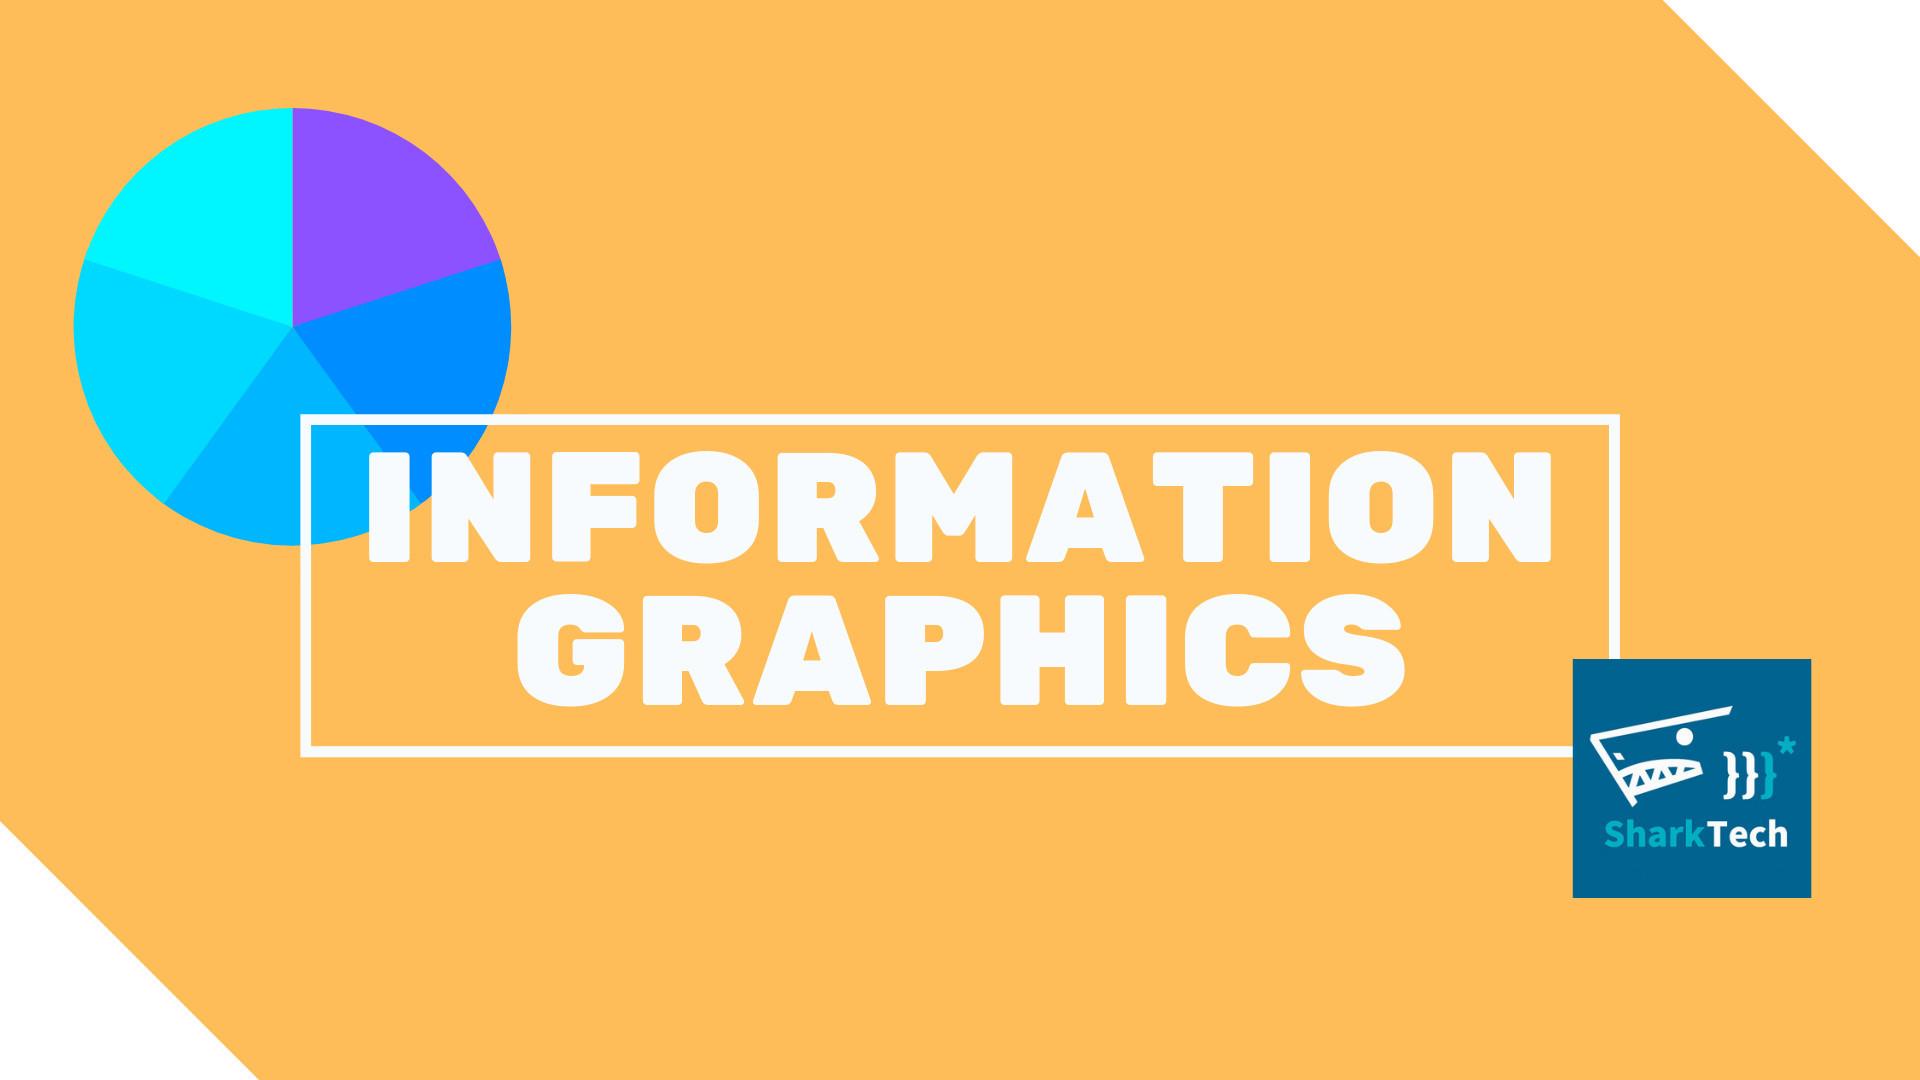 資訊圖表Information graphics-鯊客科技SEO優化網頁設計公司.png